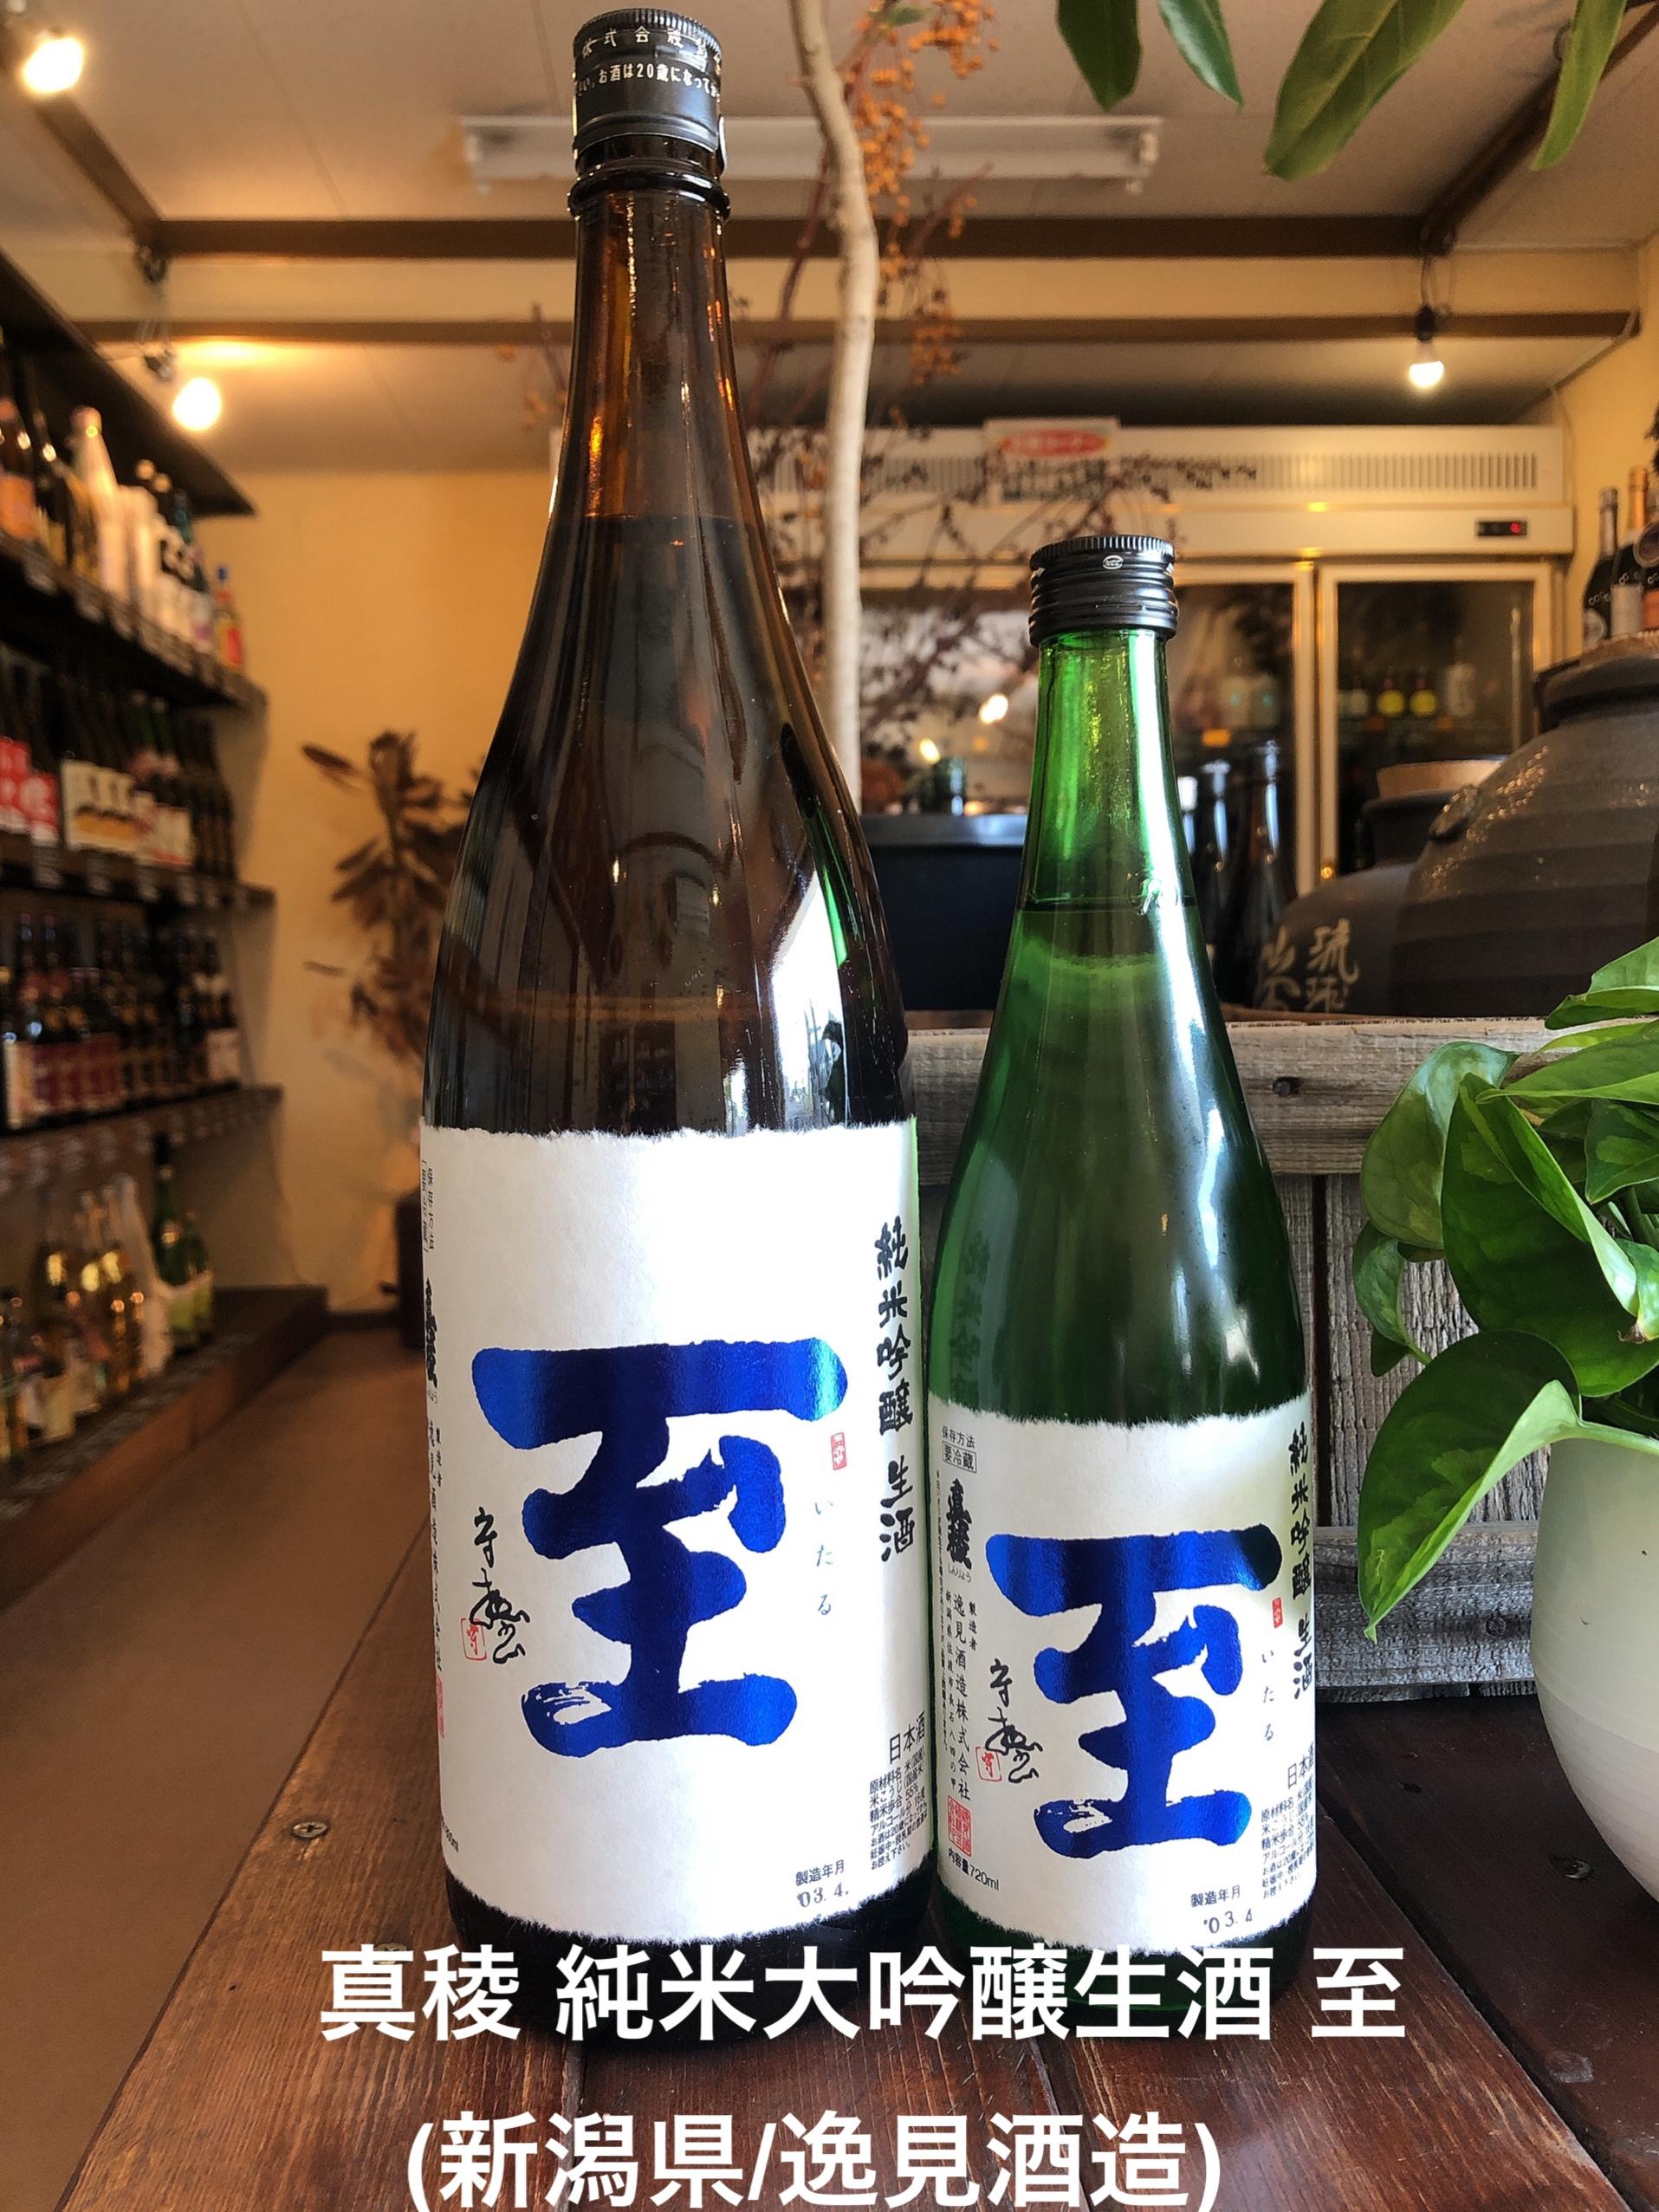 真稜 純米吟醸生酒 至(新潟県/逸見酒造)